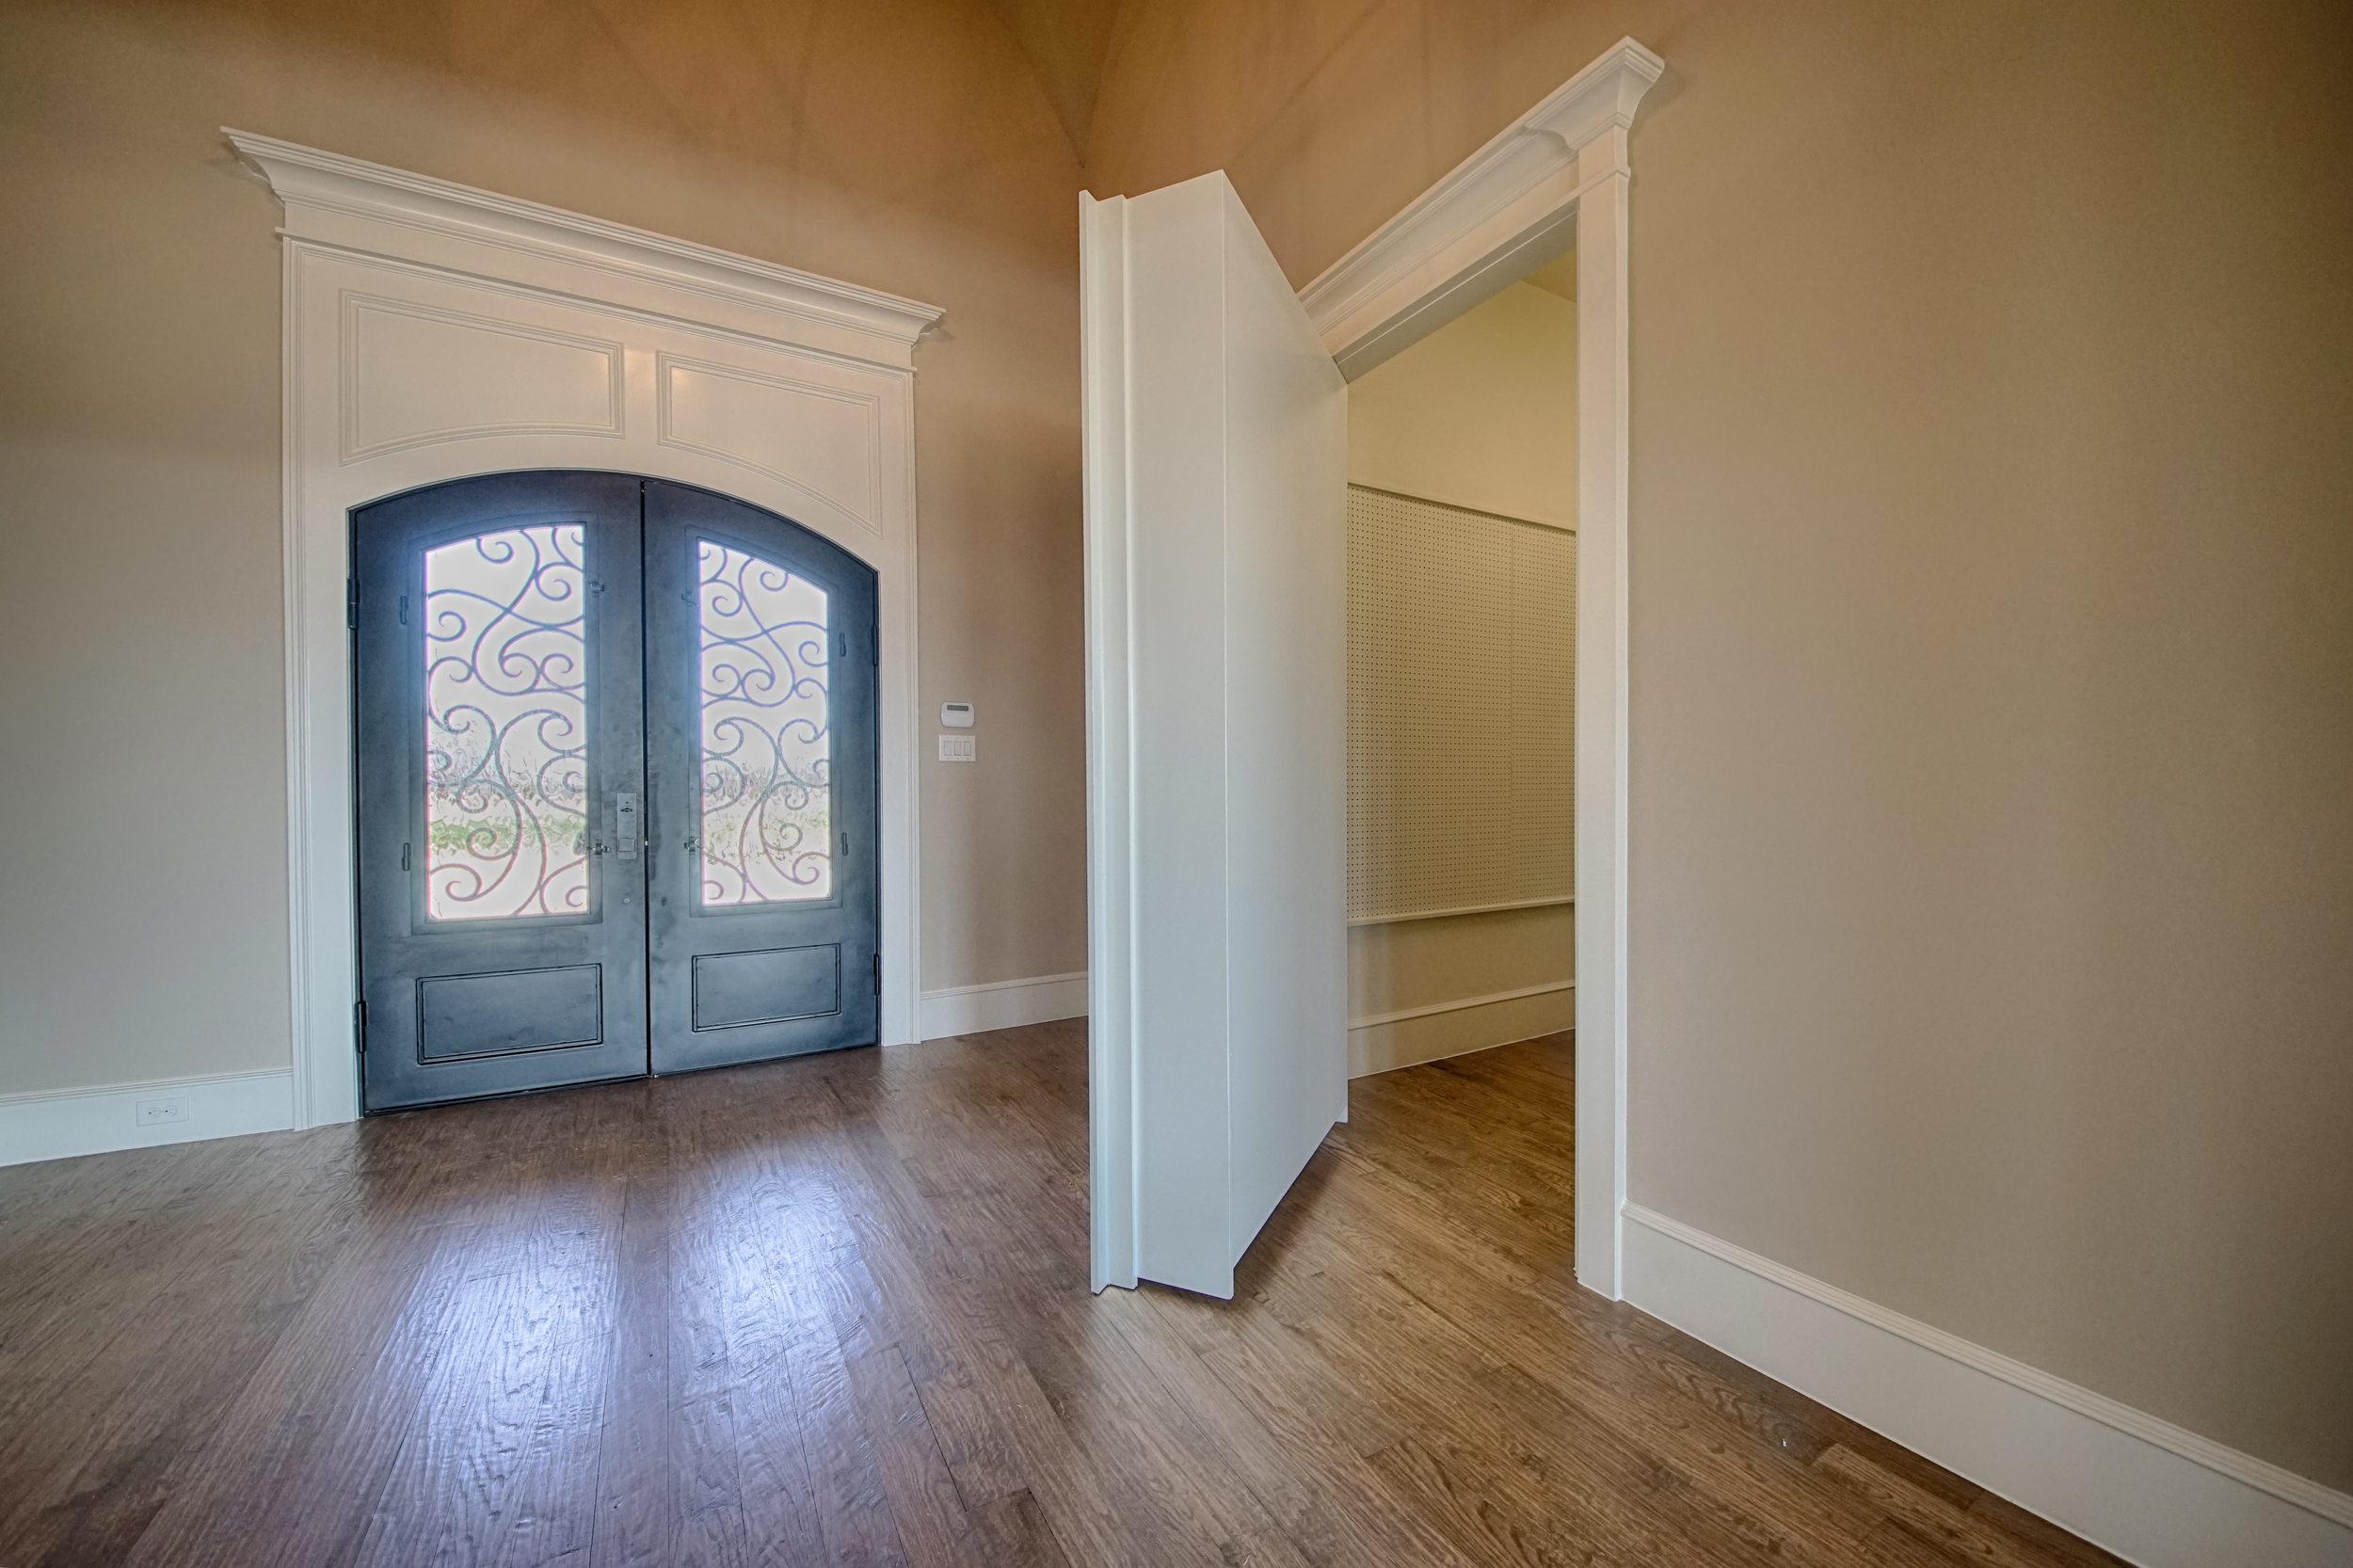 6 Door Open.jpg